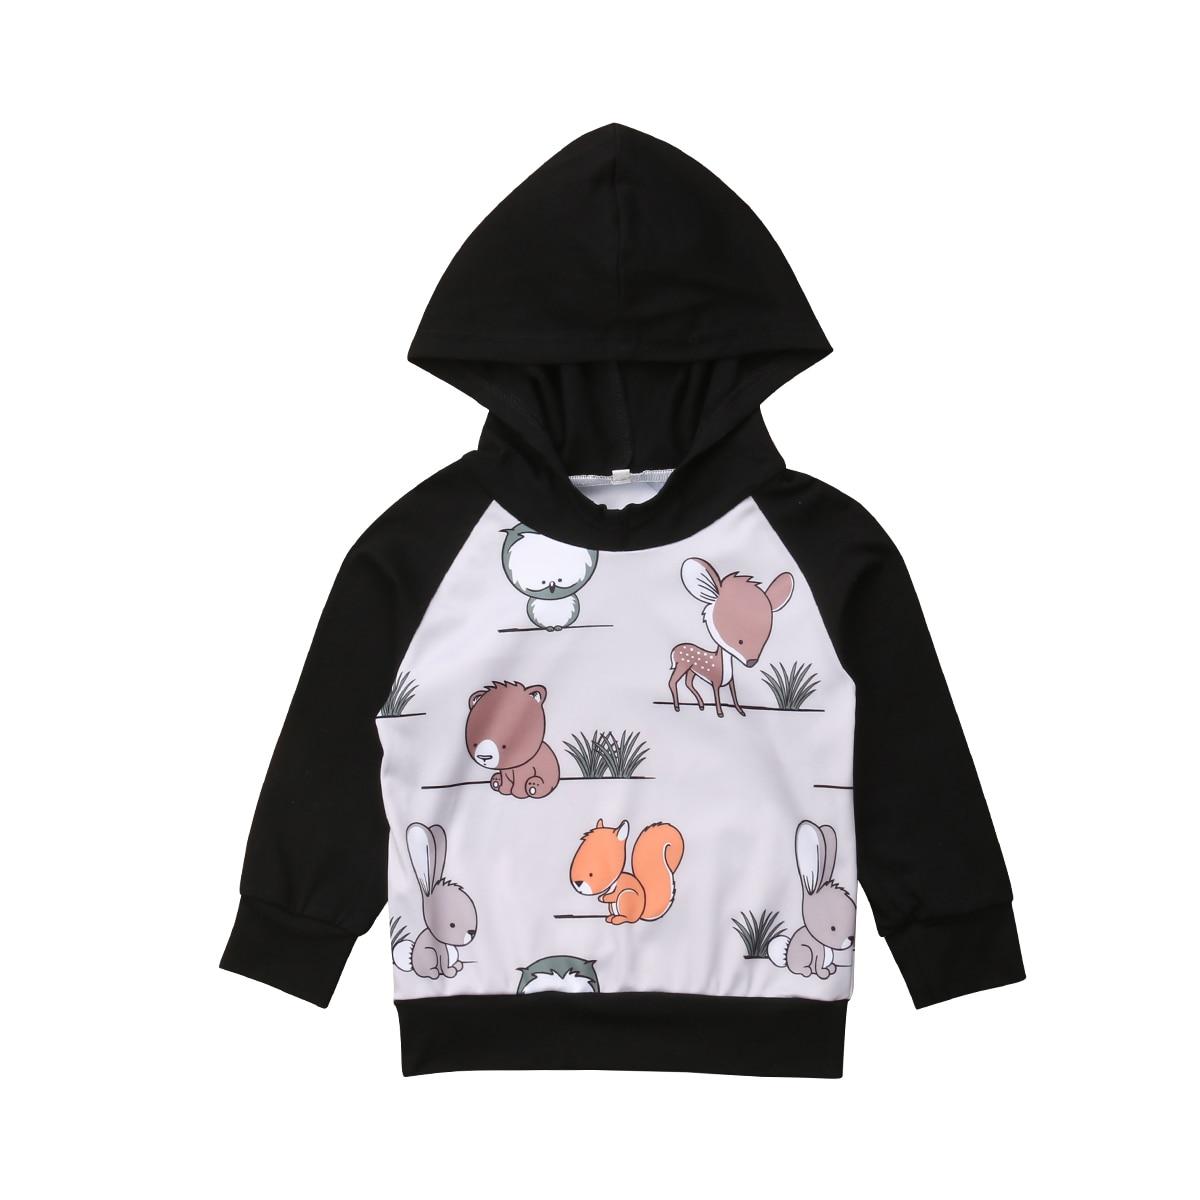 2018 Schöne Neugeborenen Baby Mädchen Kleinkind Warme Baumwolle Mit Kapuze Top Hoodies Kleidung Heiße Neue